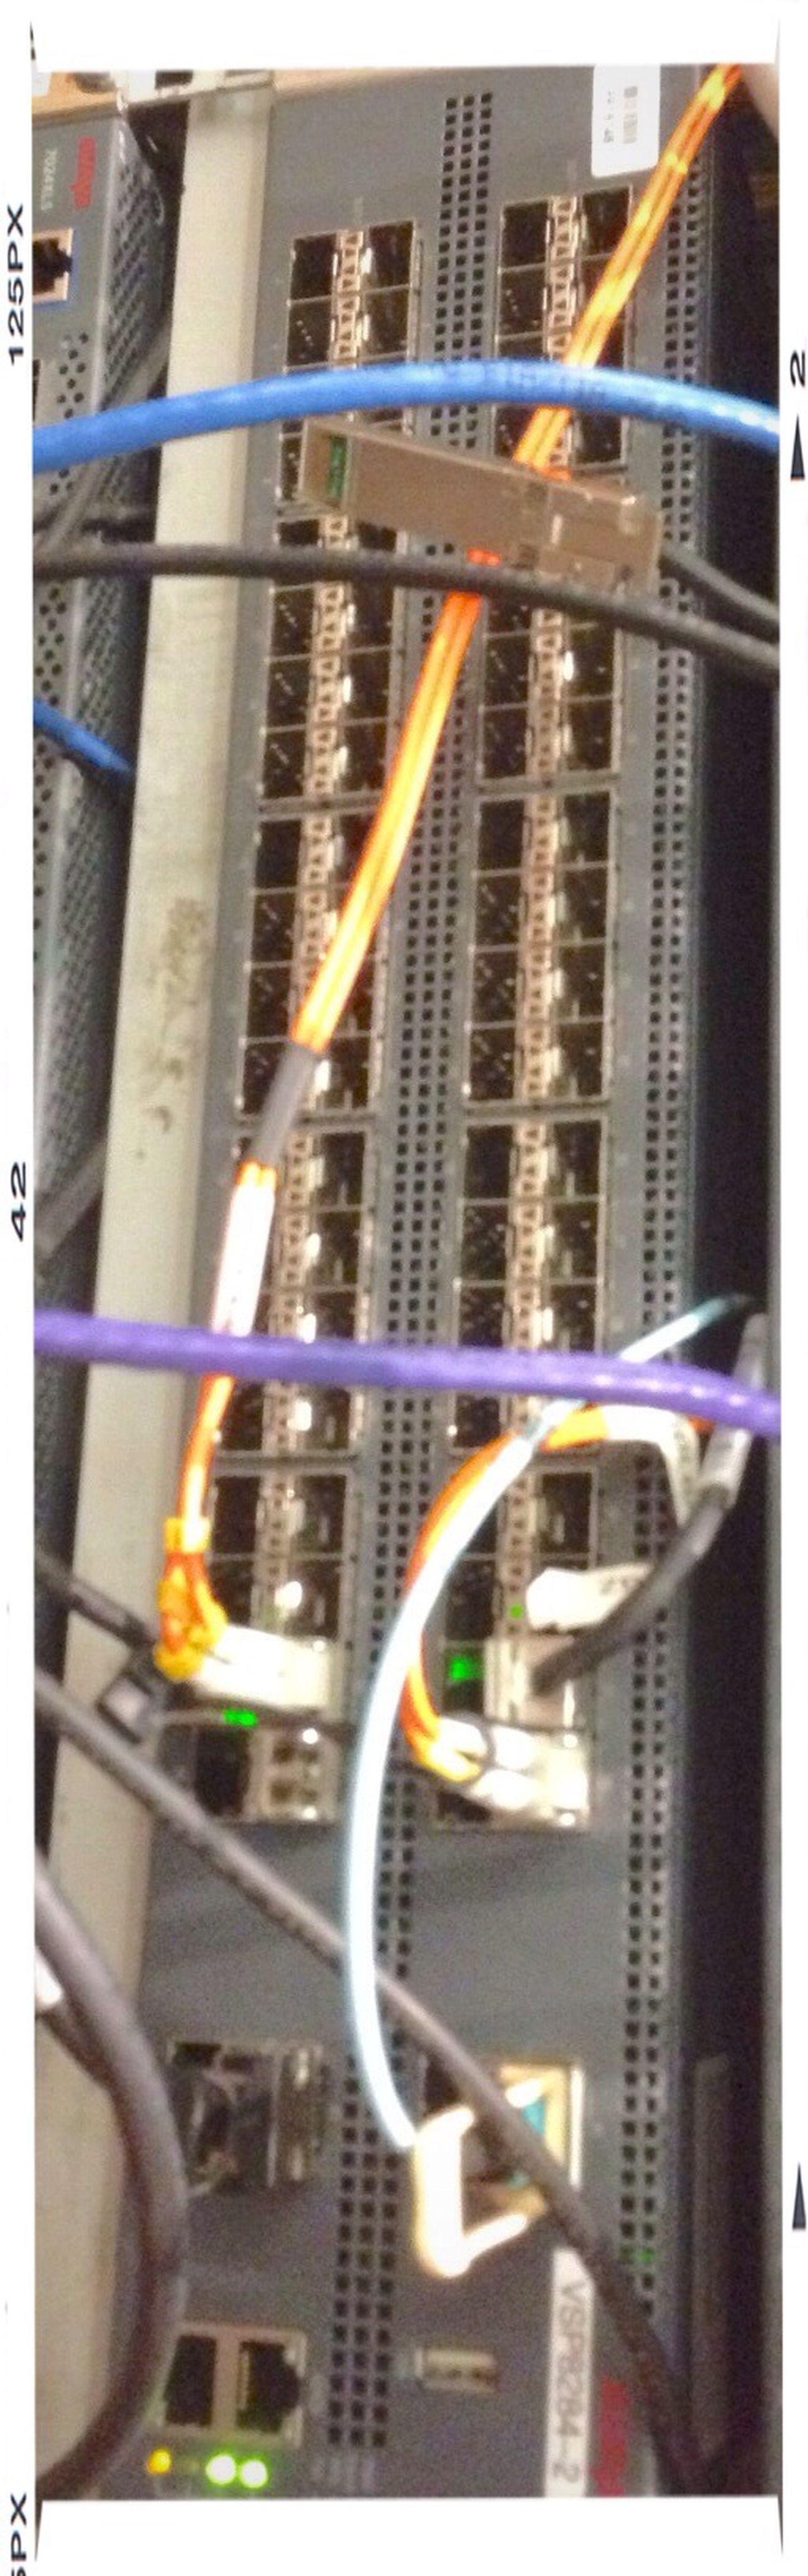 ATF2014 Avaya VSP-8284